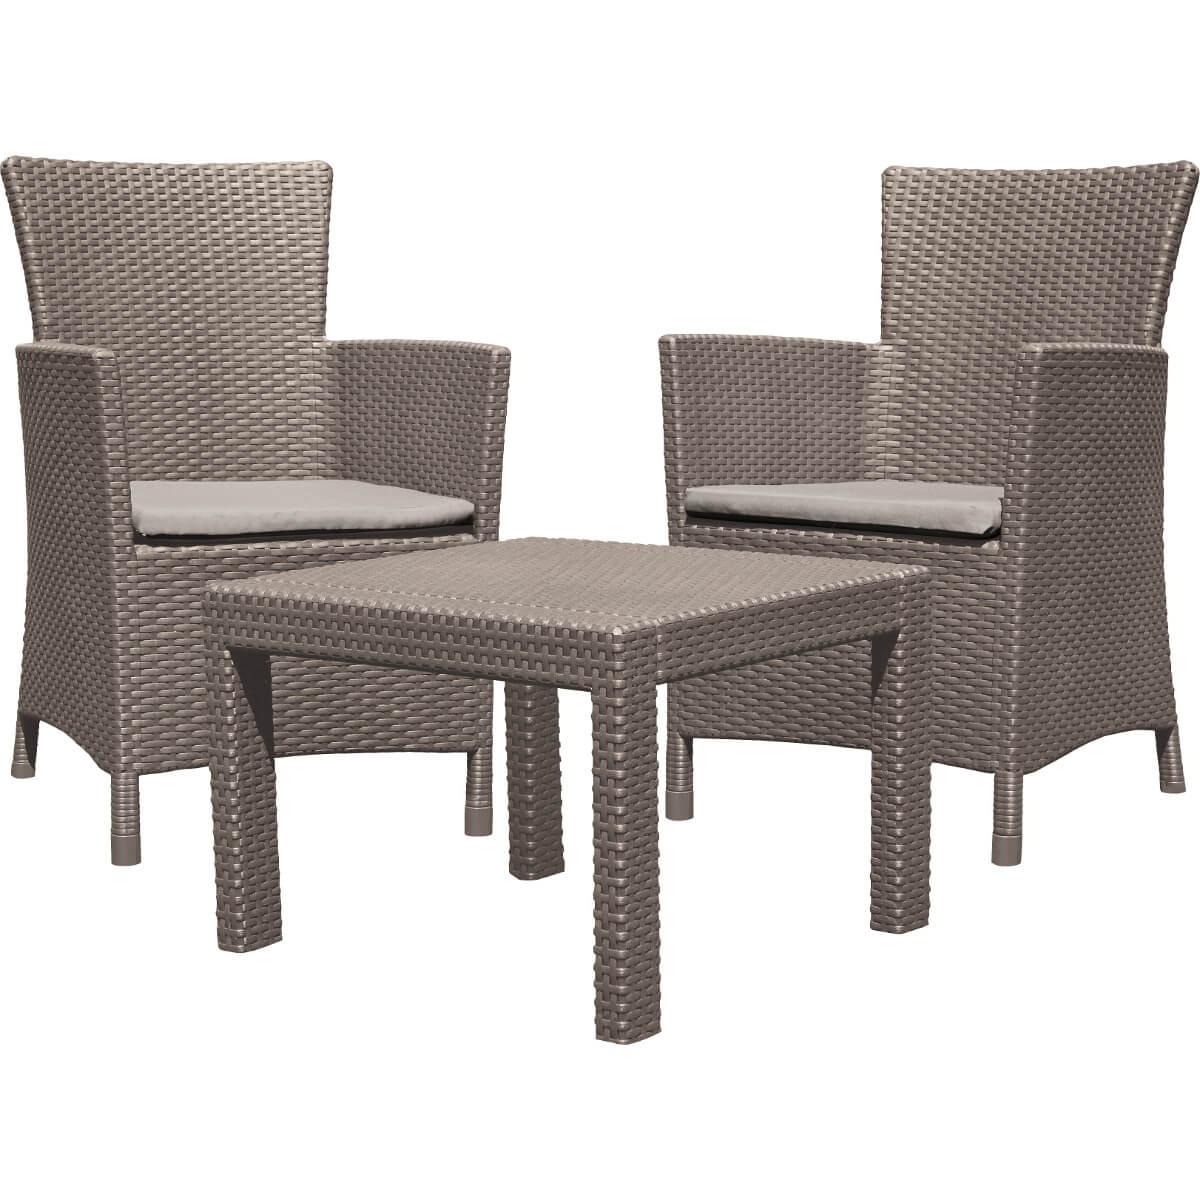 Комплект мебели Allibert Rosario Balcony 17200030